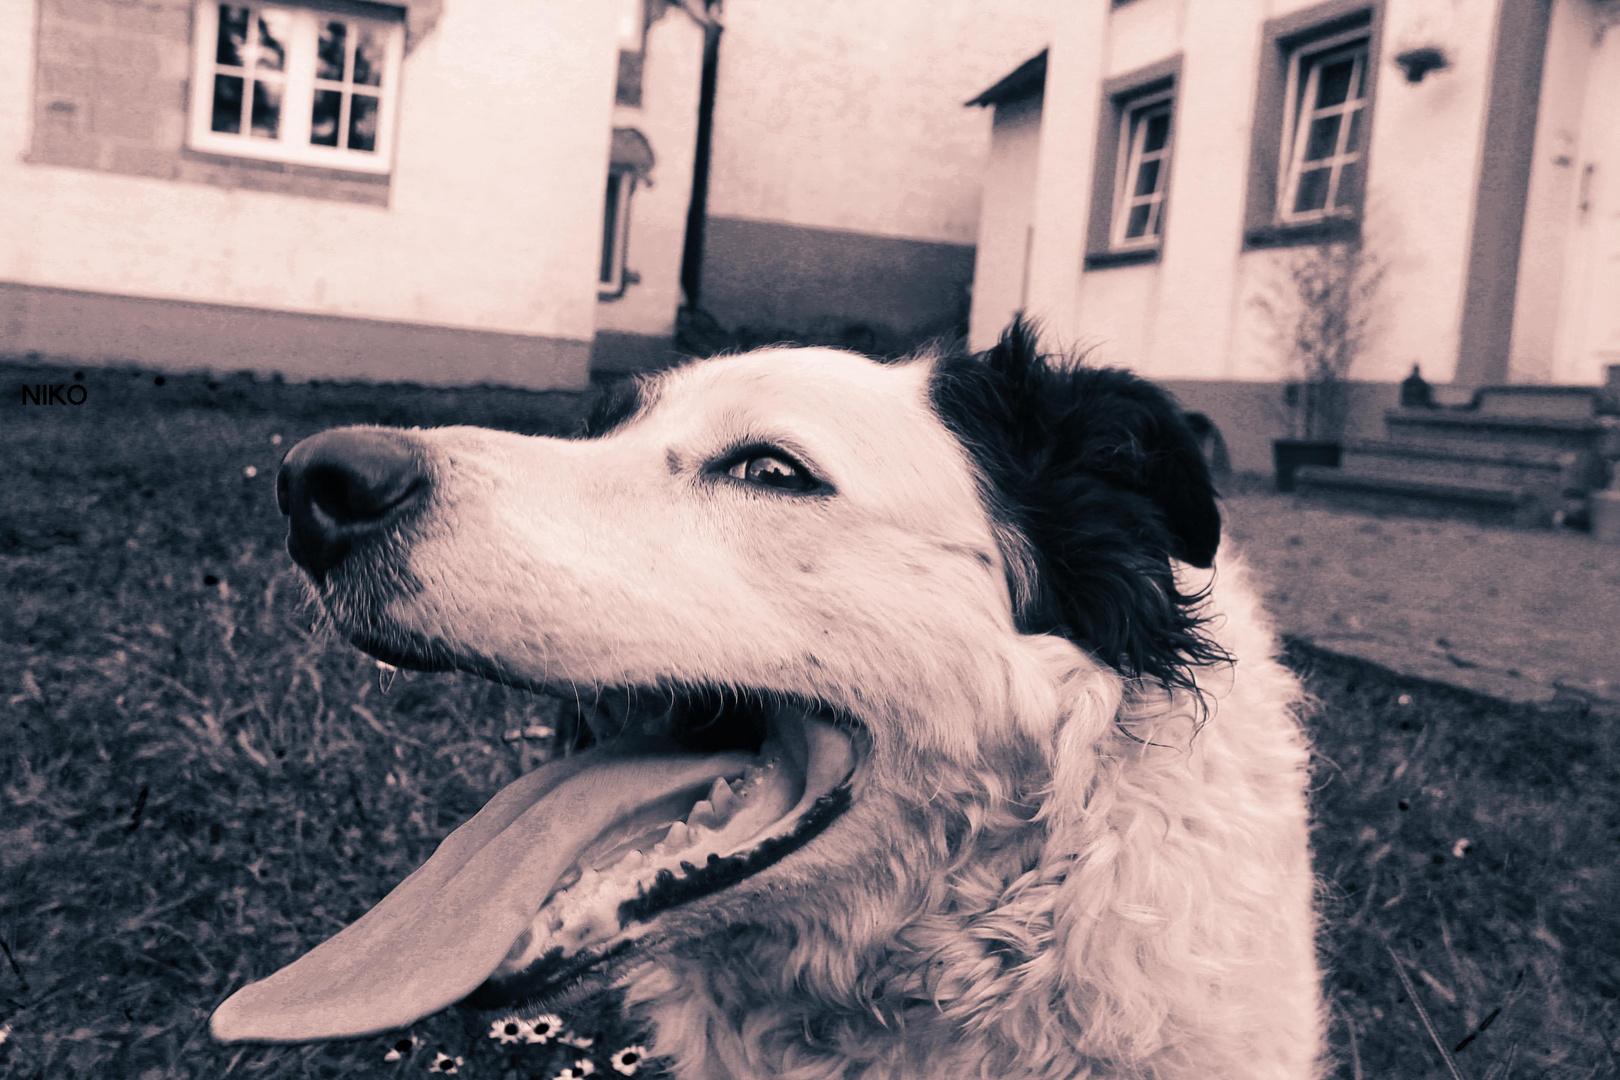 Ausgepowerter Hund